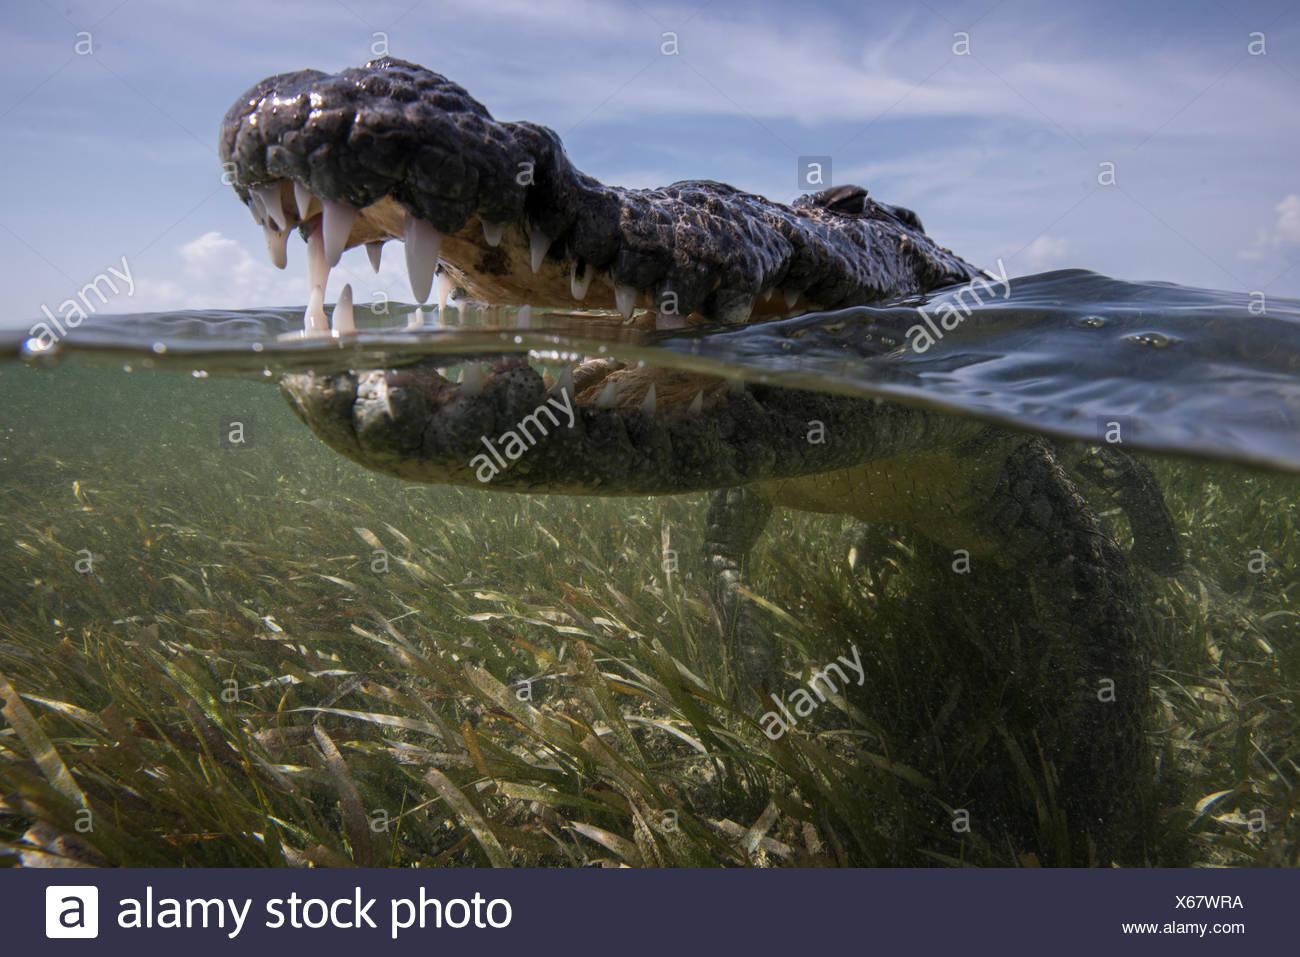 Close up di aprire bocca coccodrillo americano (Crocodylus acutus) in corrispondenza della superficie del mare, Chinchorro banche, Messico Immagini Stock